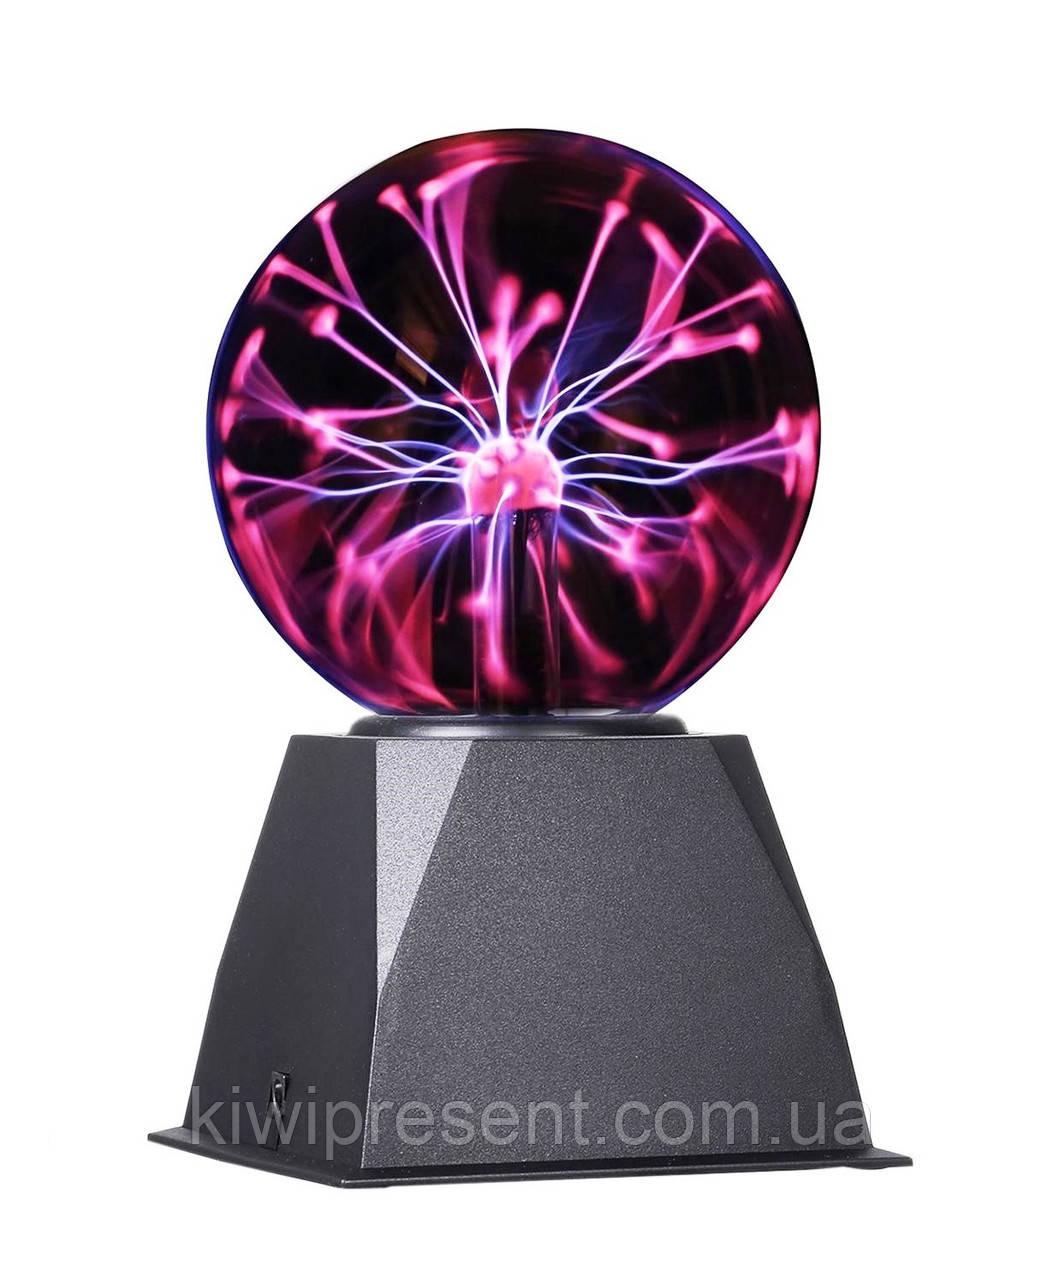 Плазменный шар Теслы, ночник 13 см, Plasma Light Magic Flash Ball